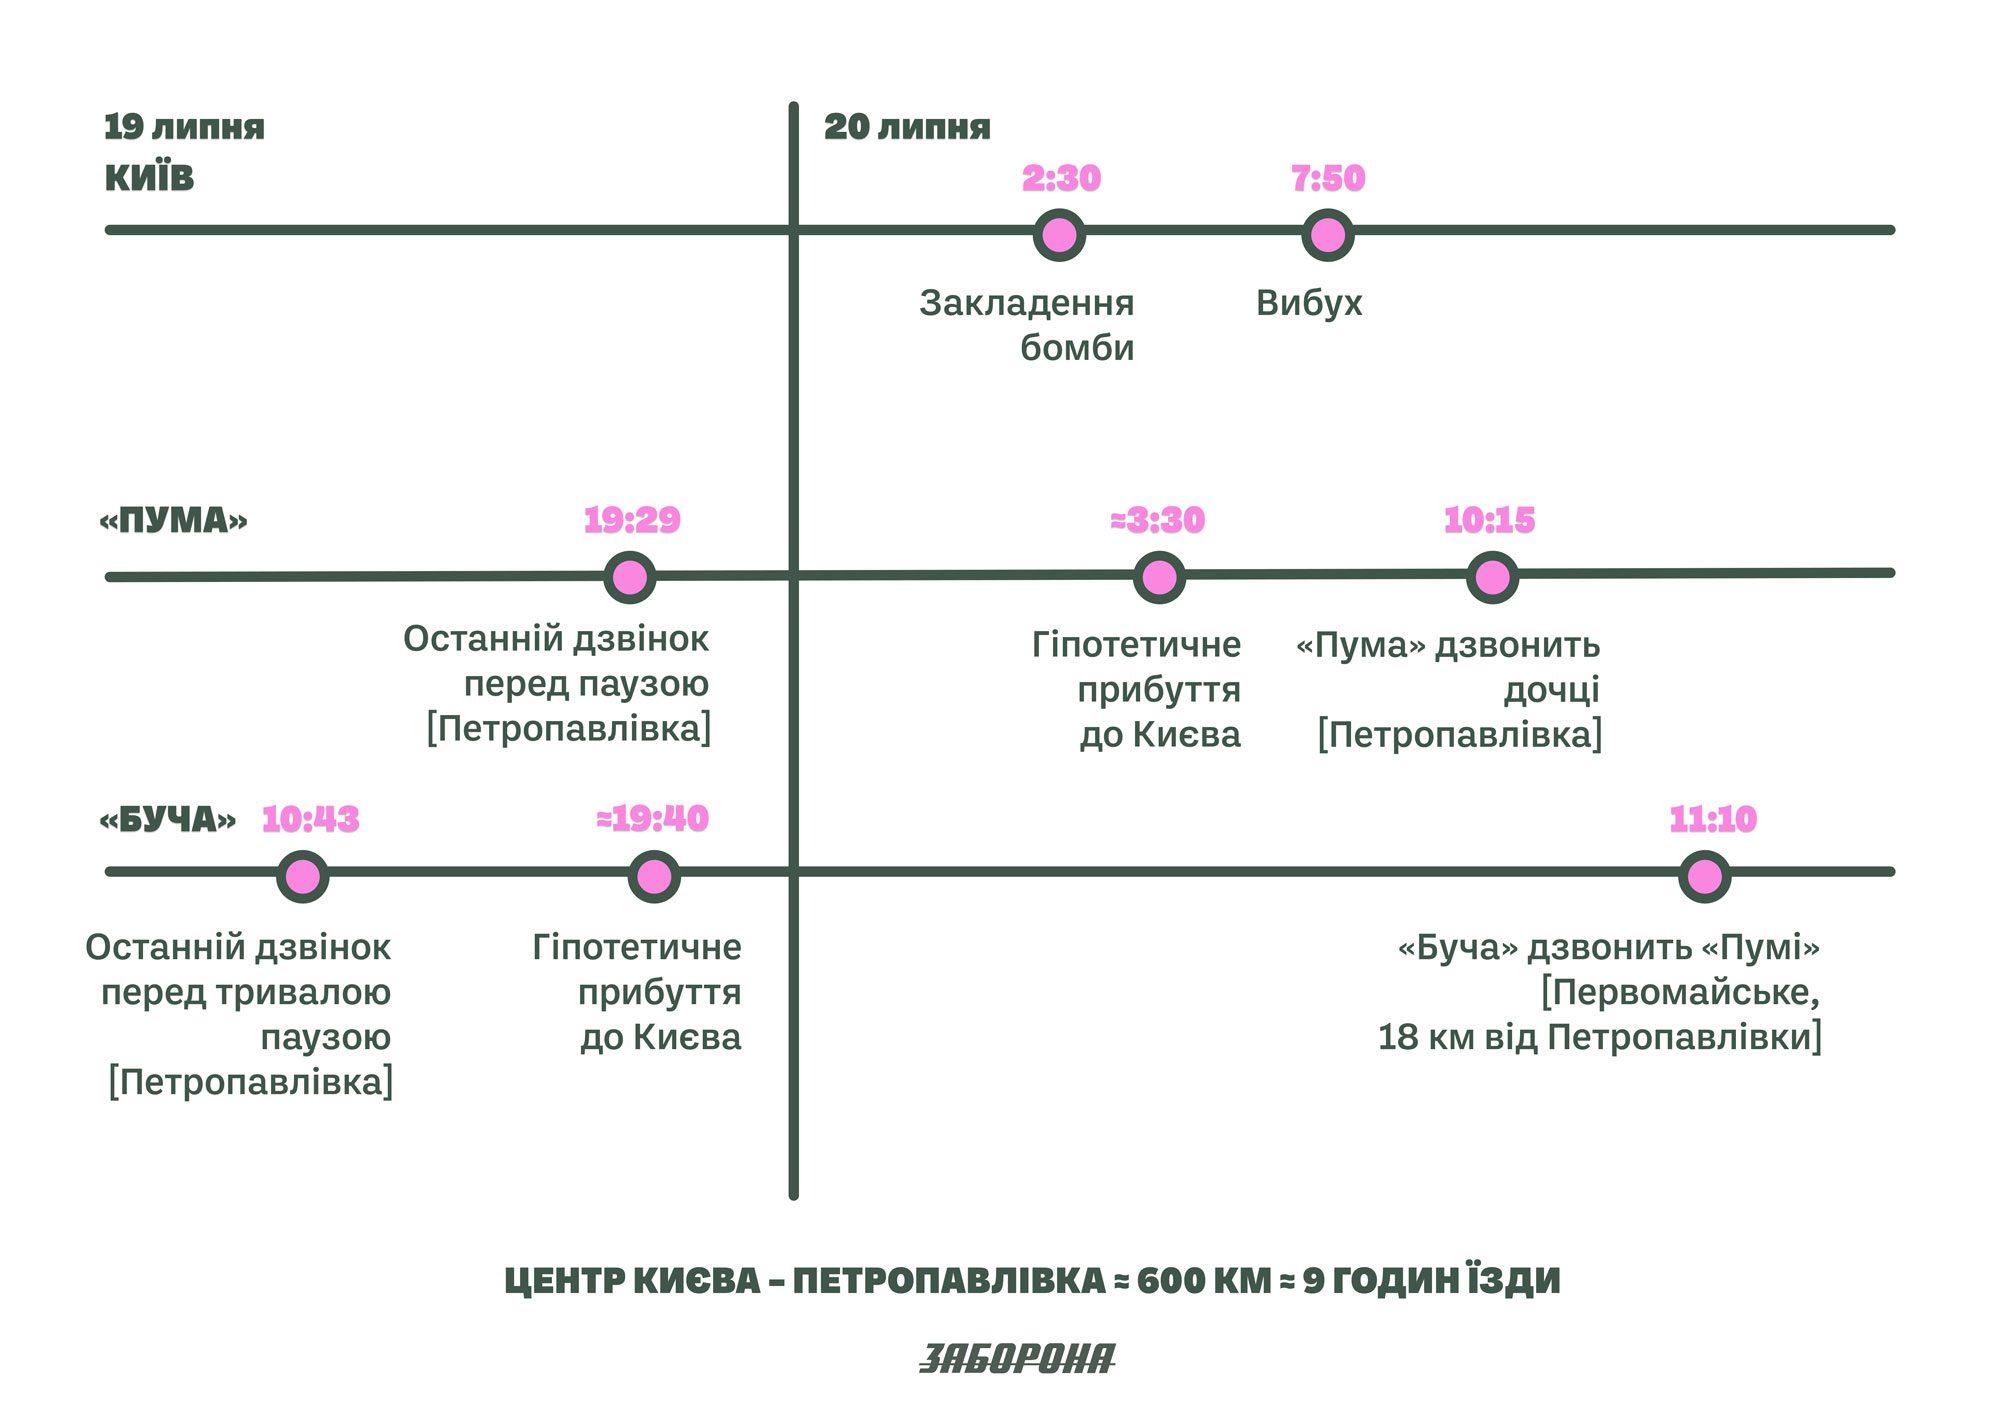 kyiv petropavlivka ua - <b>Безславні підривники.</b> Історія двох підозрюваних у справі Шеремета — і цілої кримінальної системи. Частина 1 - Заборона